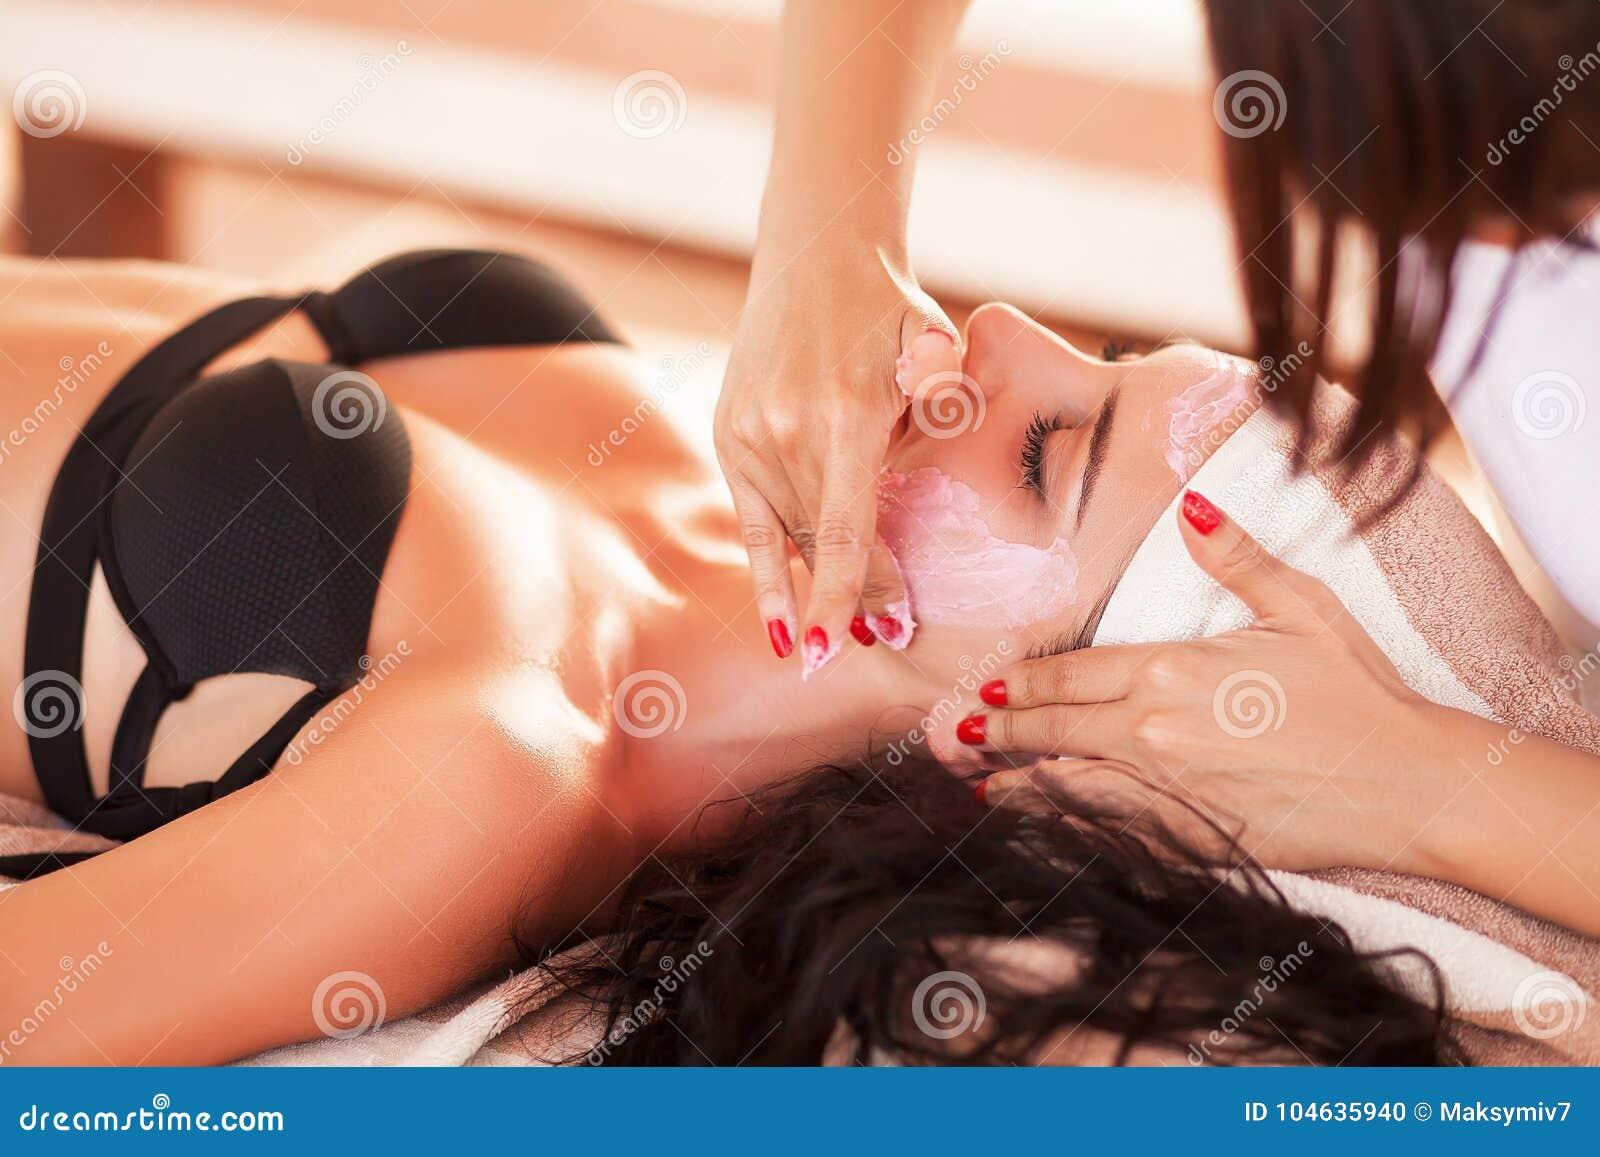 Download Kuuroord En Massage De Mooie Vrouw In Kuuroordsalon In Zonnig Strand Krijgt FA Stock Foto - Afbeelding bestaande uit mooi, hoofd: 104635940